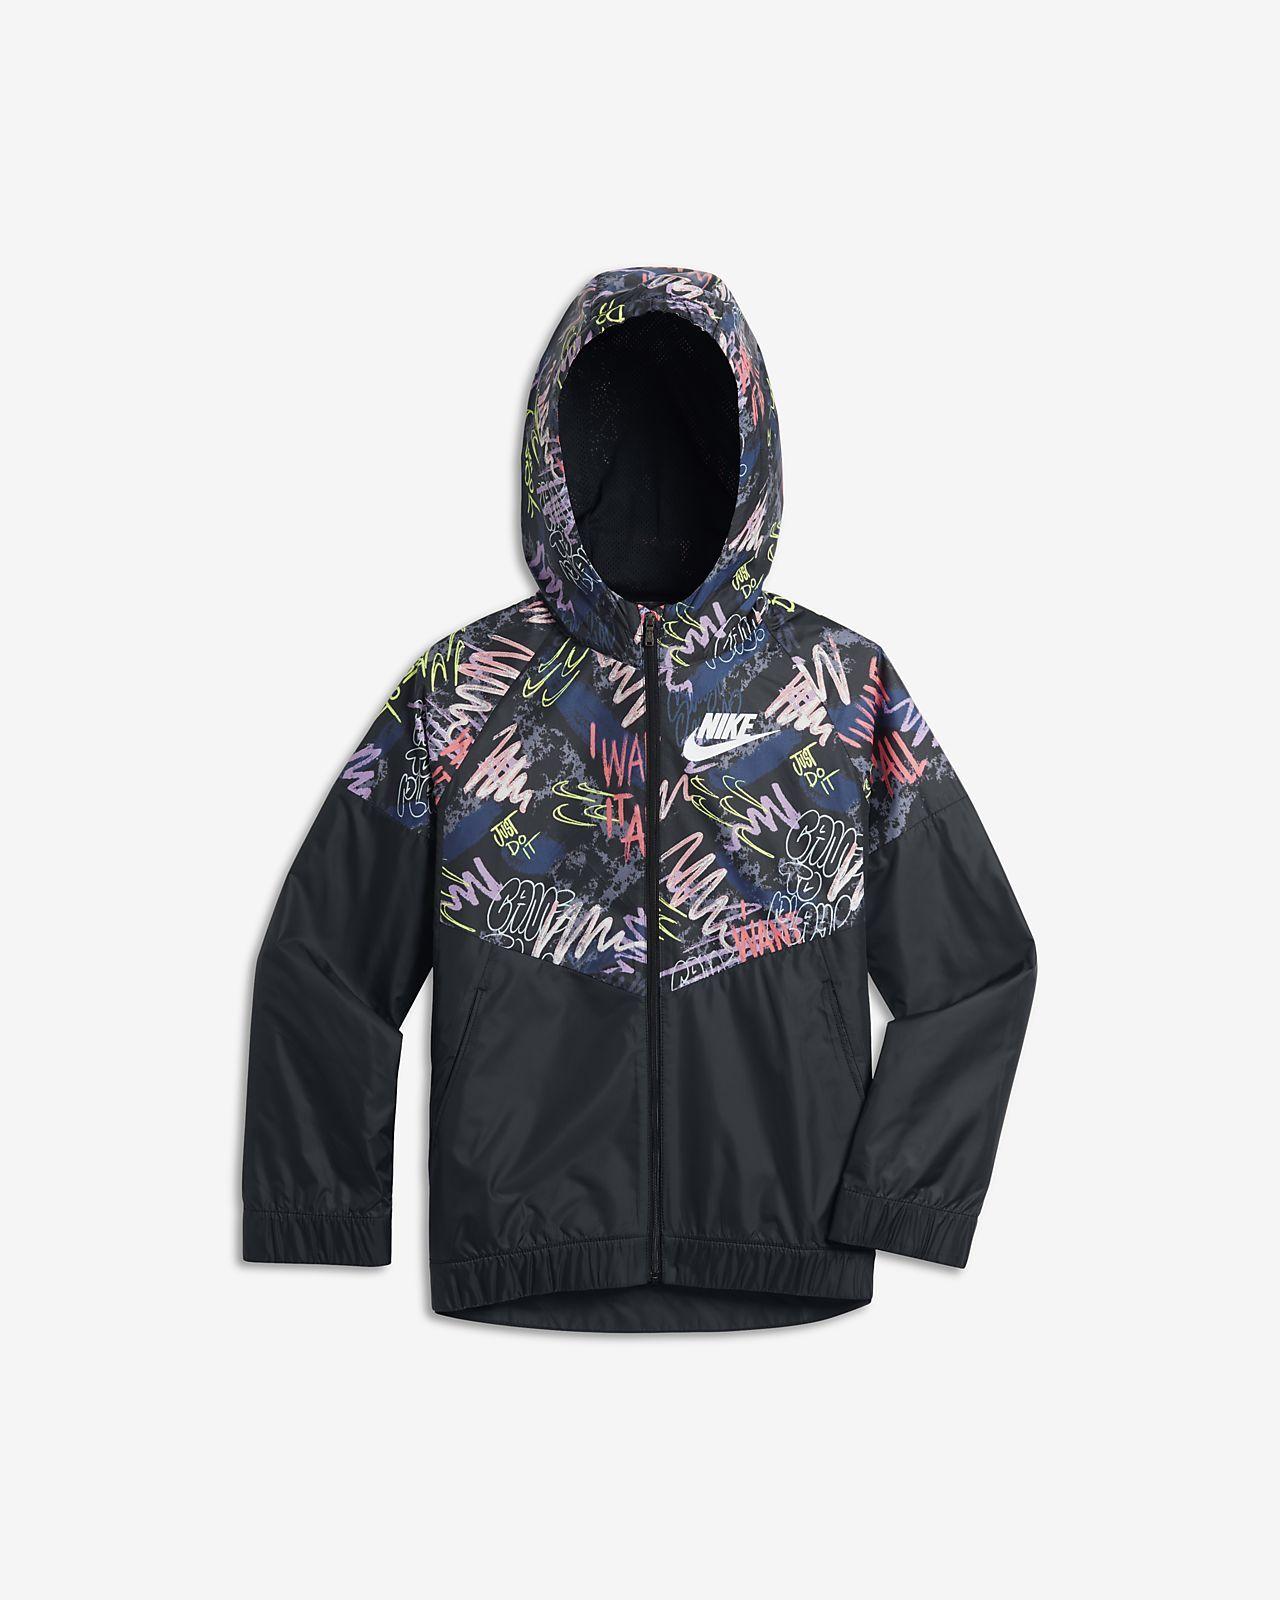 f53e91cac8da9 Nike Sportswear Windrunner Big Kids' (Girls') Printed Jacket | Brynn ...